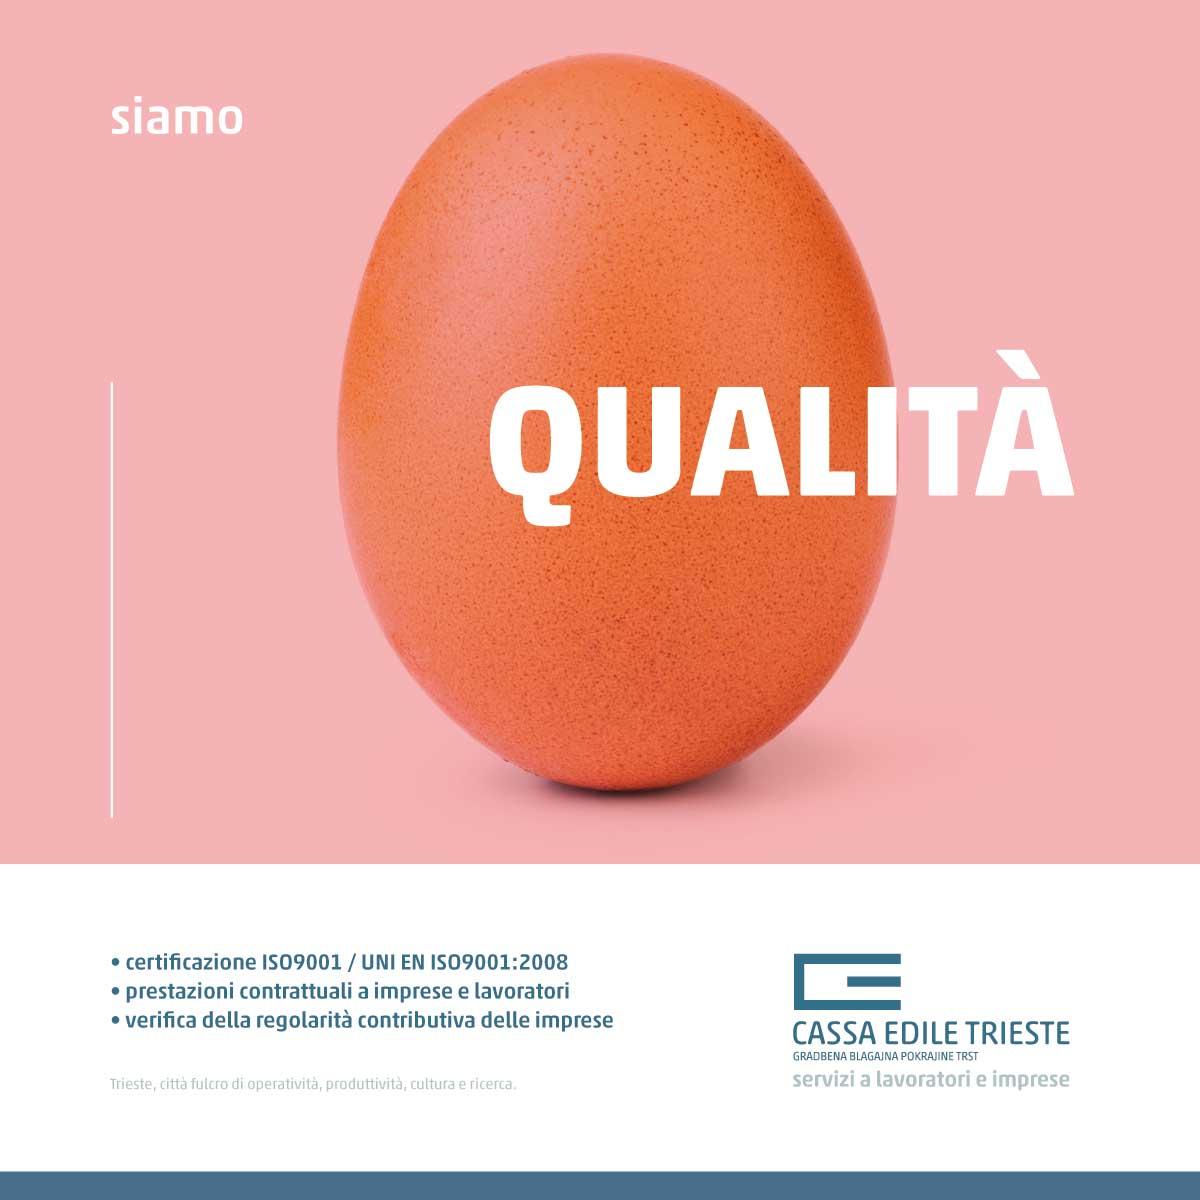 cassa edile di trieste - Consumi Casa Certificazioni A Trieste